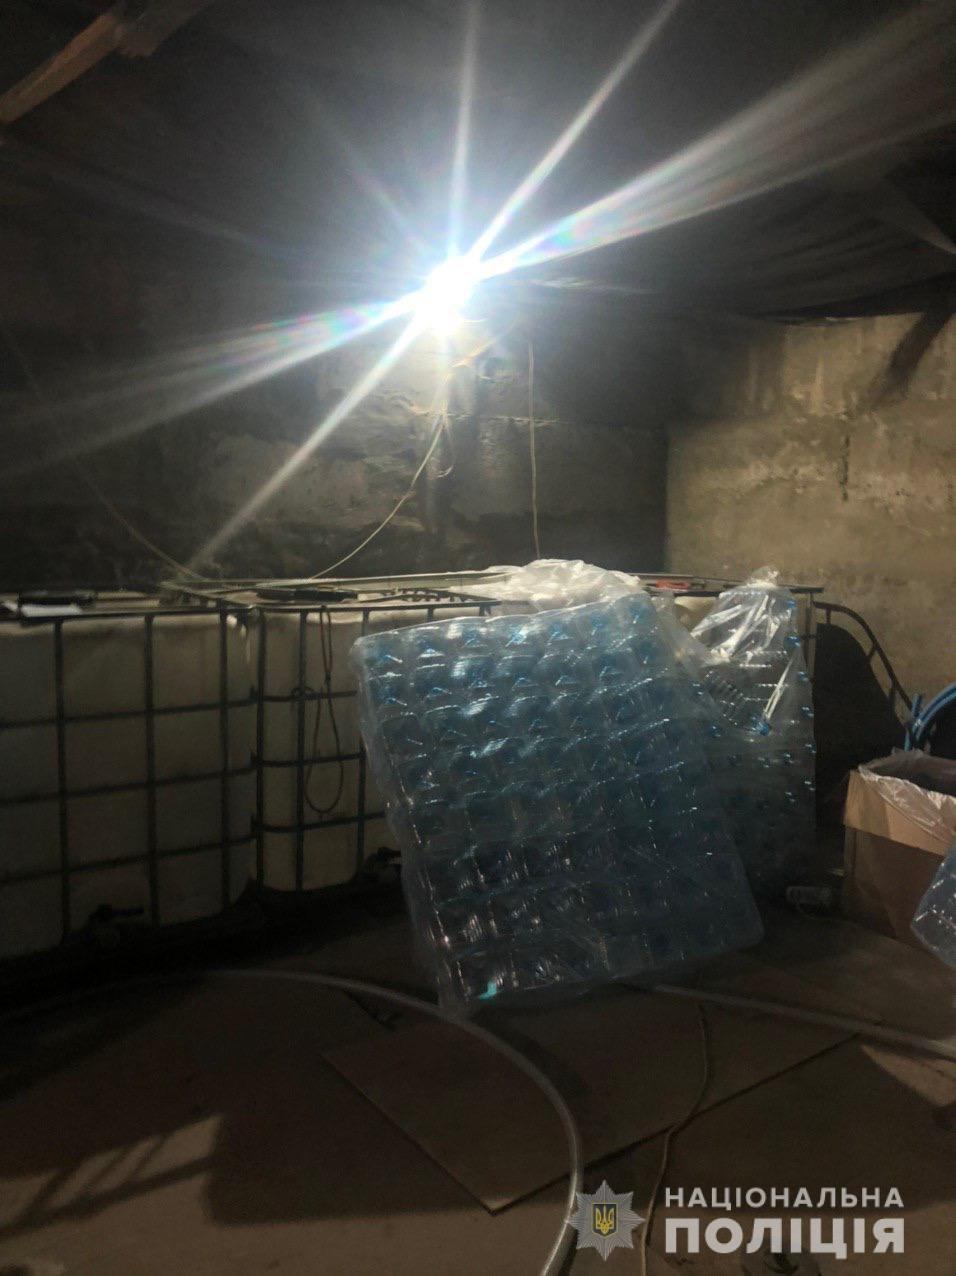 В Харькове изъяли 12 тонн спирта, который незаконно хранили в гараже, - ФОТО, фото-2